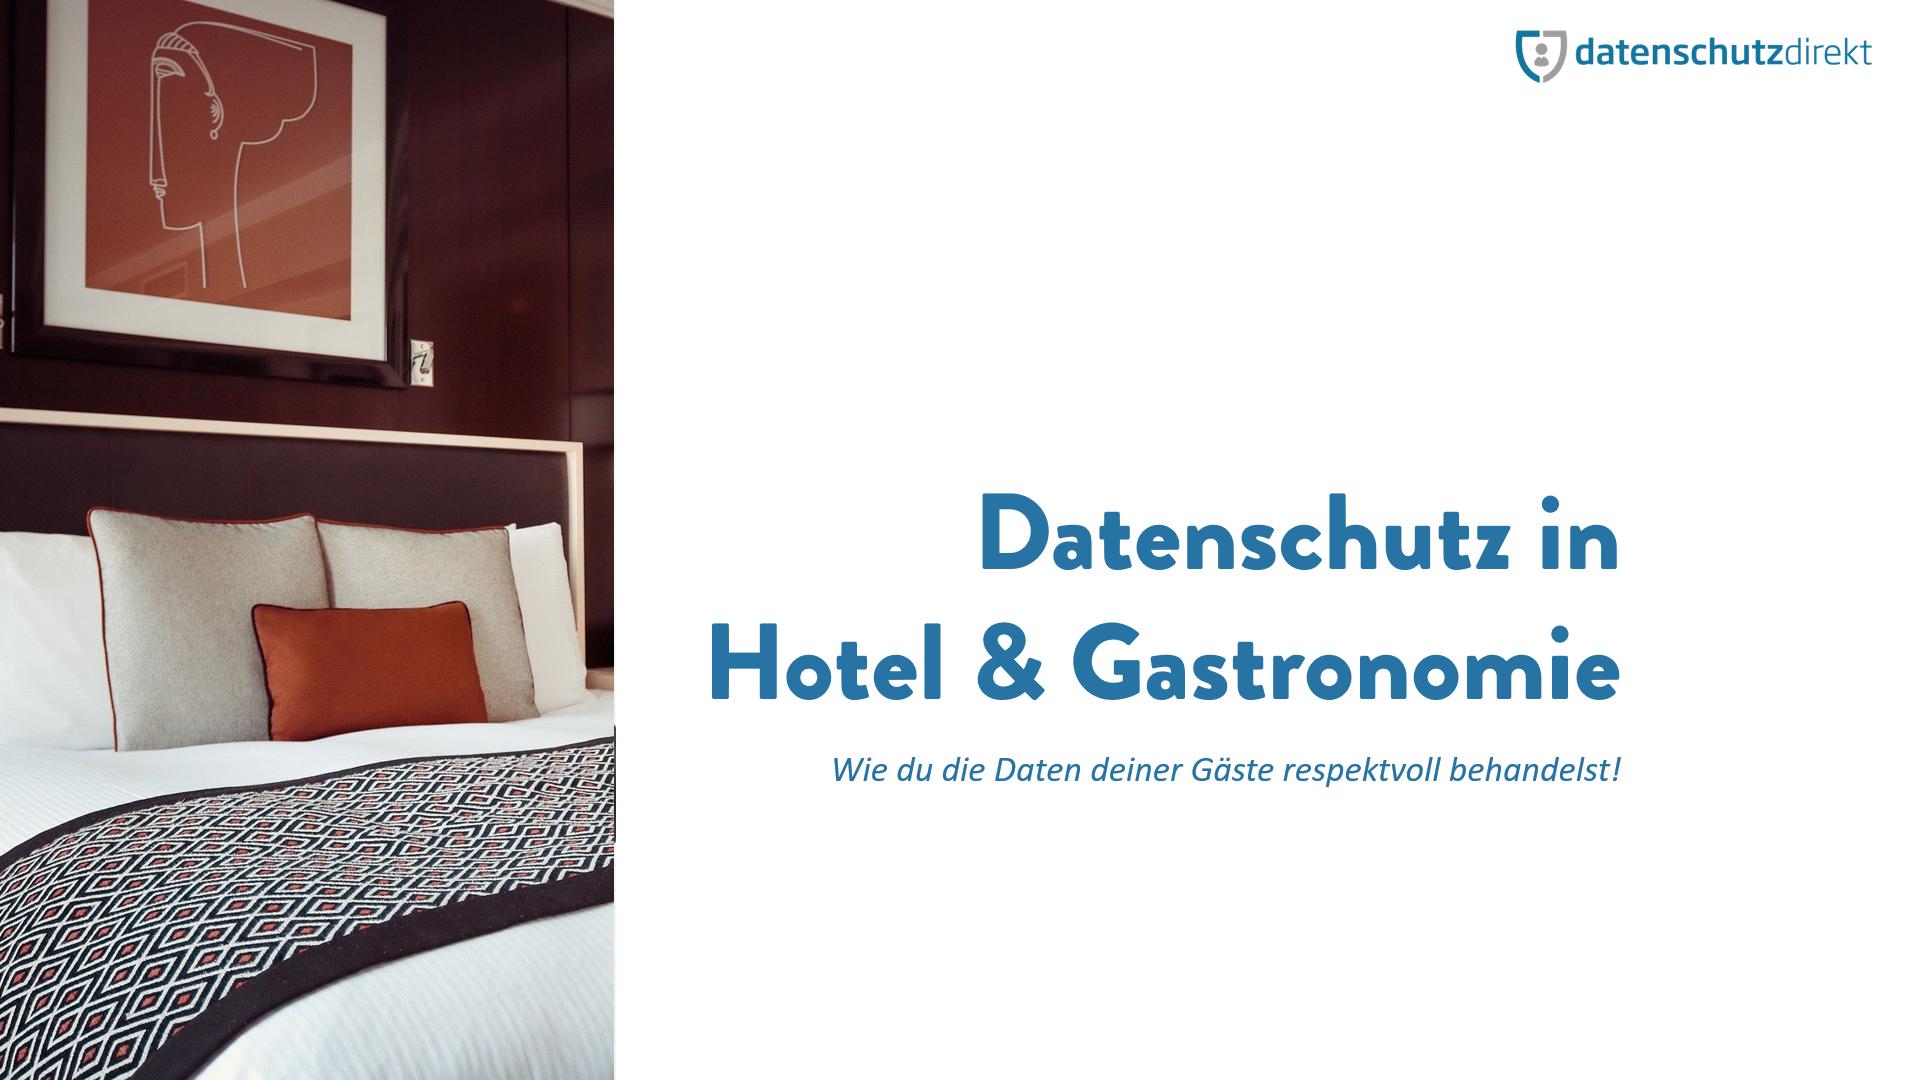 Datenschutz in Hotel und Gastronomie